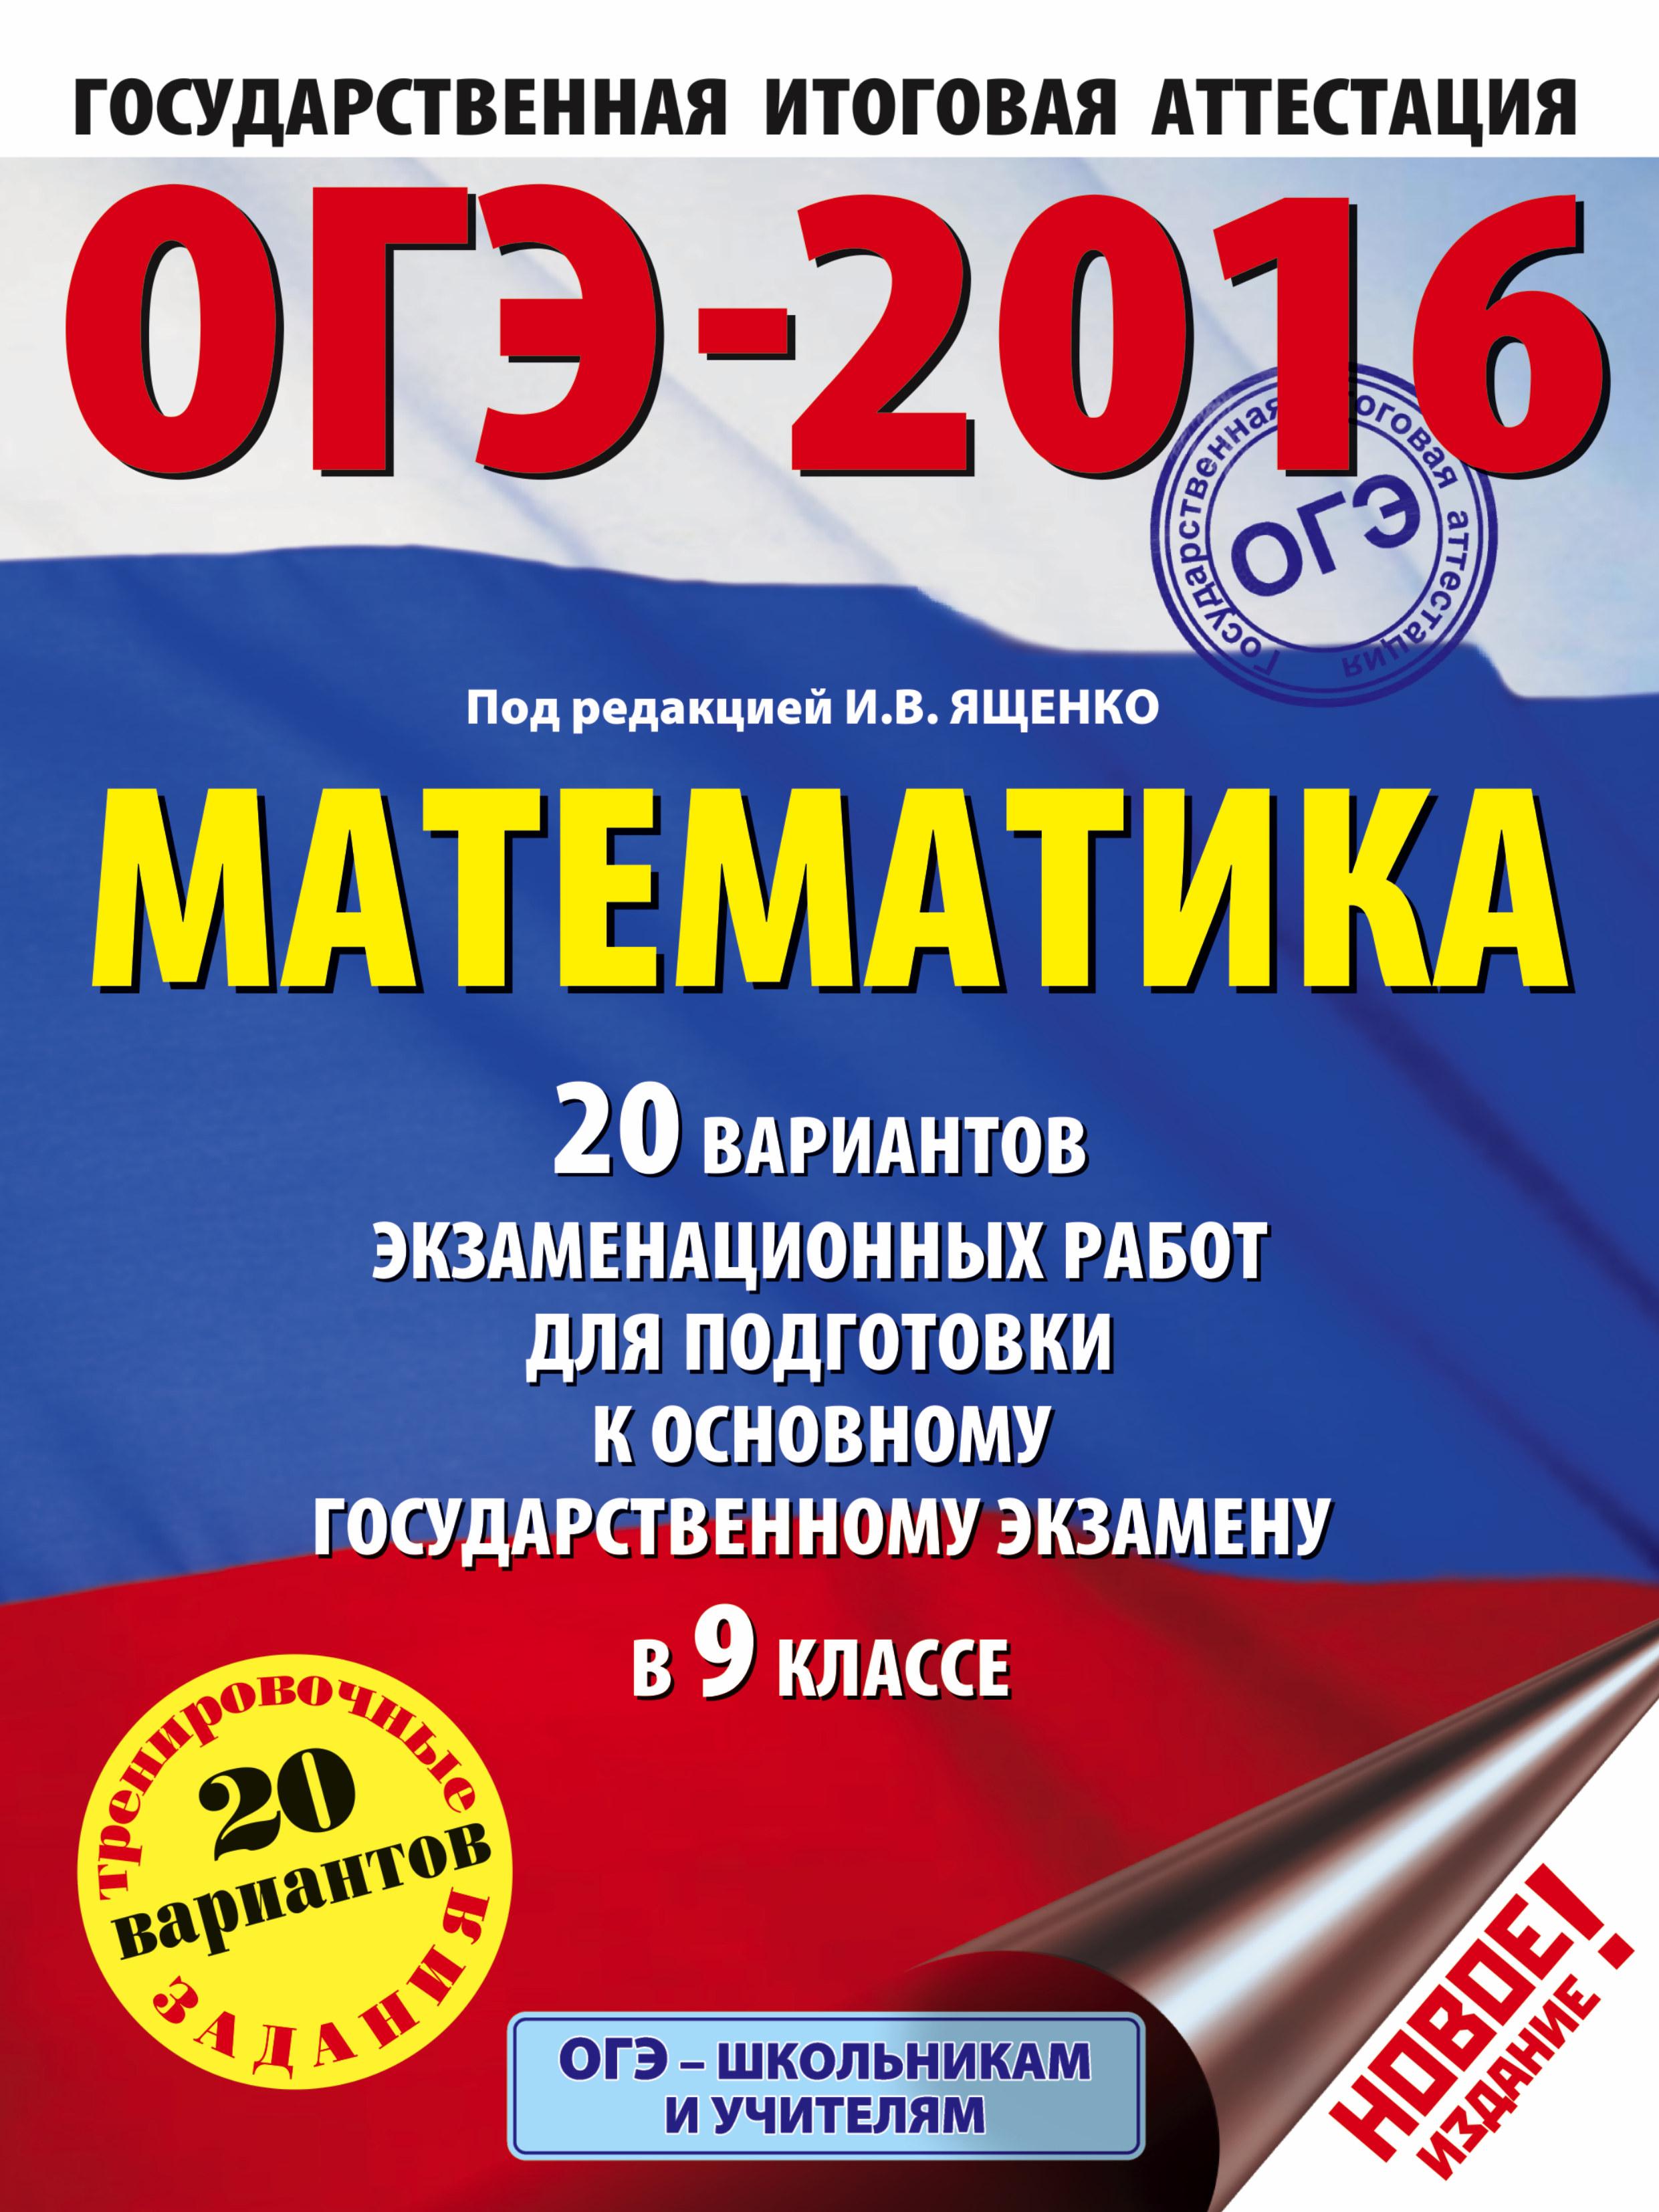 ОГЭ-2016. Математика (60х84/8) 20 вариантов экзаменационных работ для подготовки к основному государственному экзамену в 9 классе